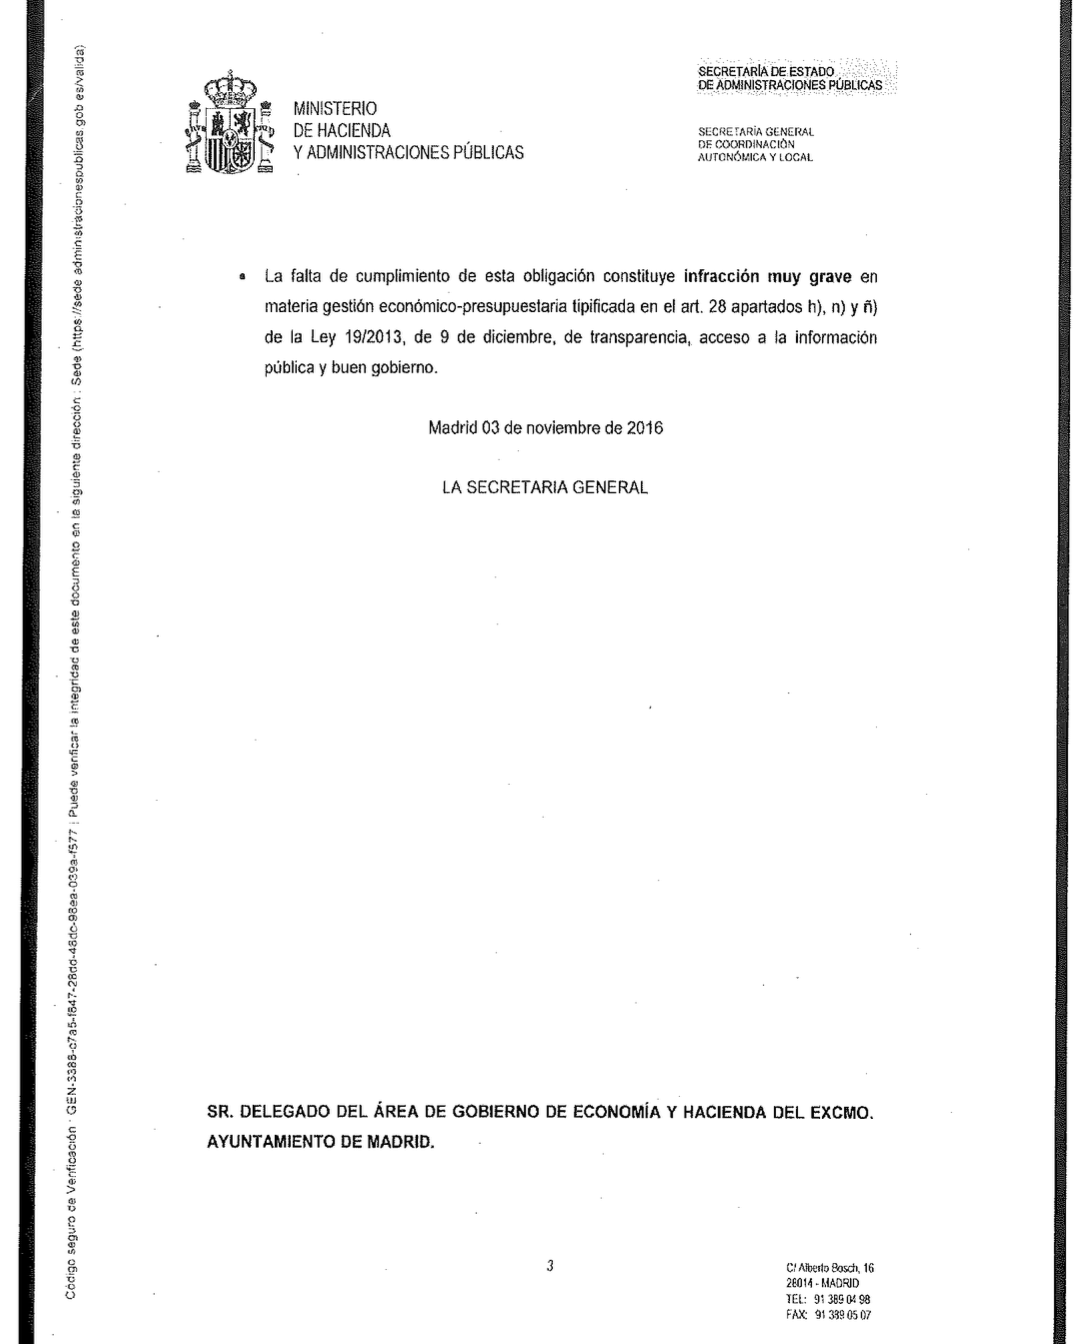 HACIENDA-CARTA-3.png